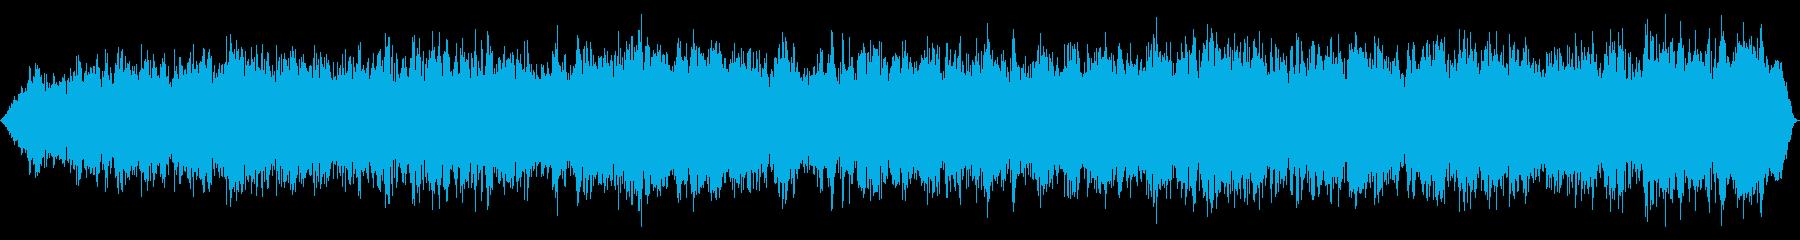 ディープパワフルランブリング嵐と自然災害の再生済みの波形